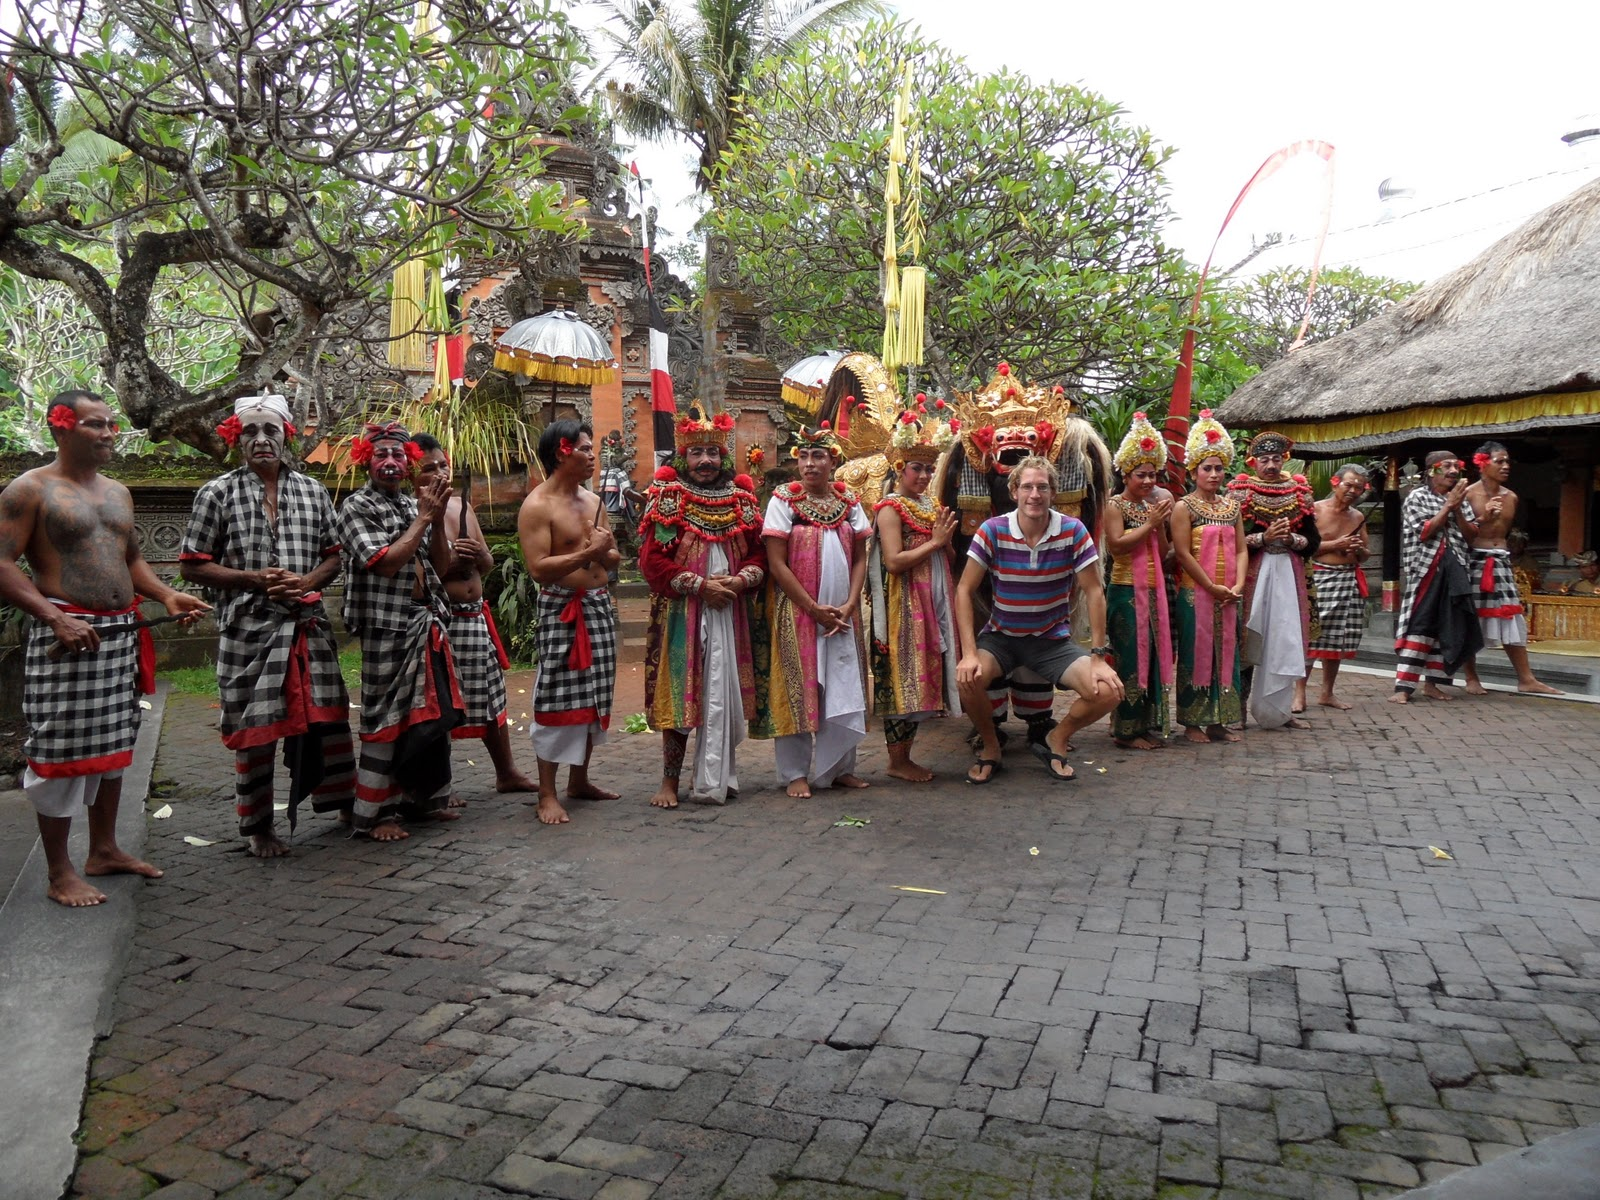 Rondreis - Oceanië & ZuidOost-Azië: maart 2011